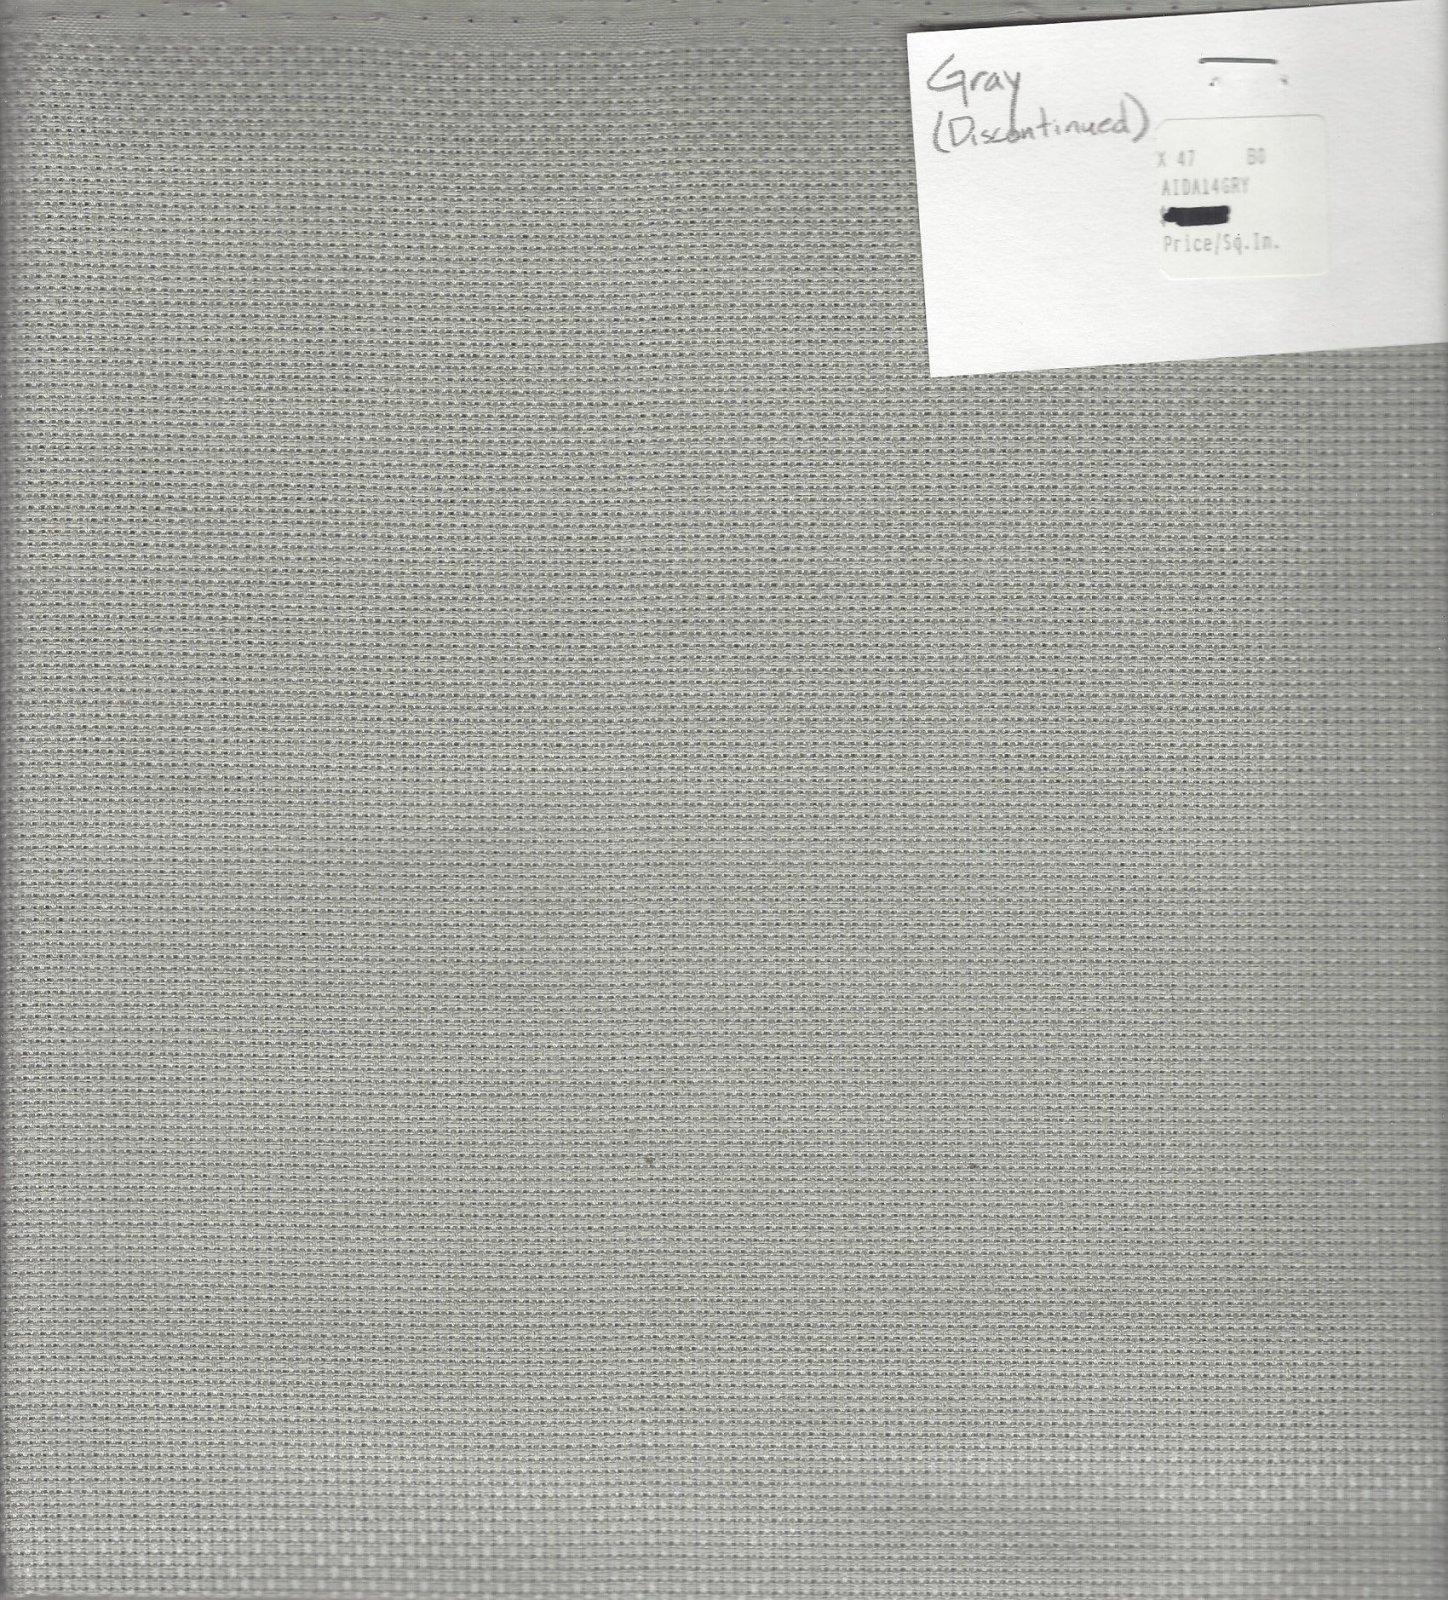 Aida 14ct Gray (discontinued color)